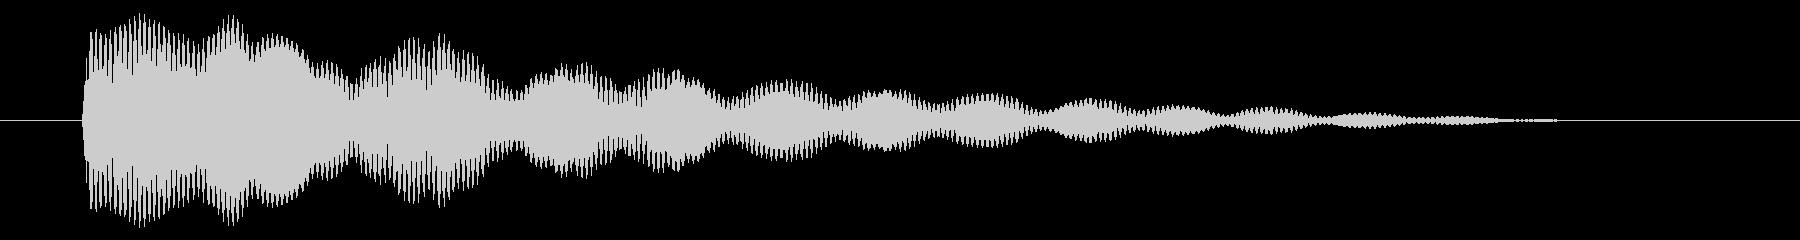 ニュース アラート02-1の未再生の波形